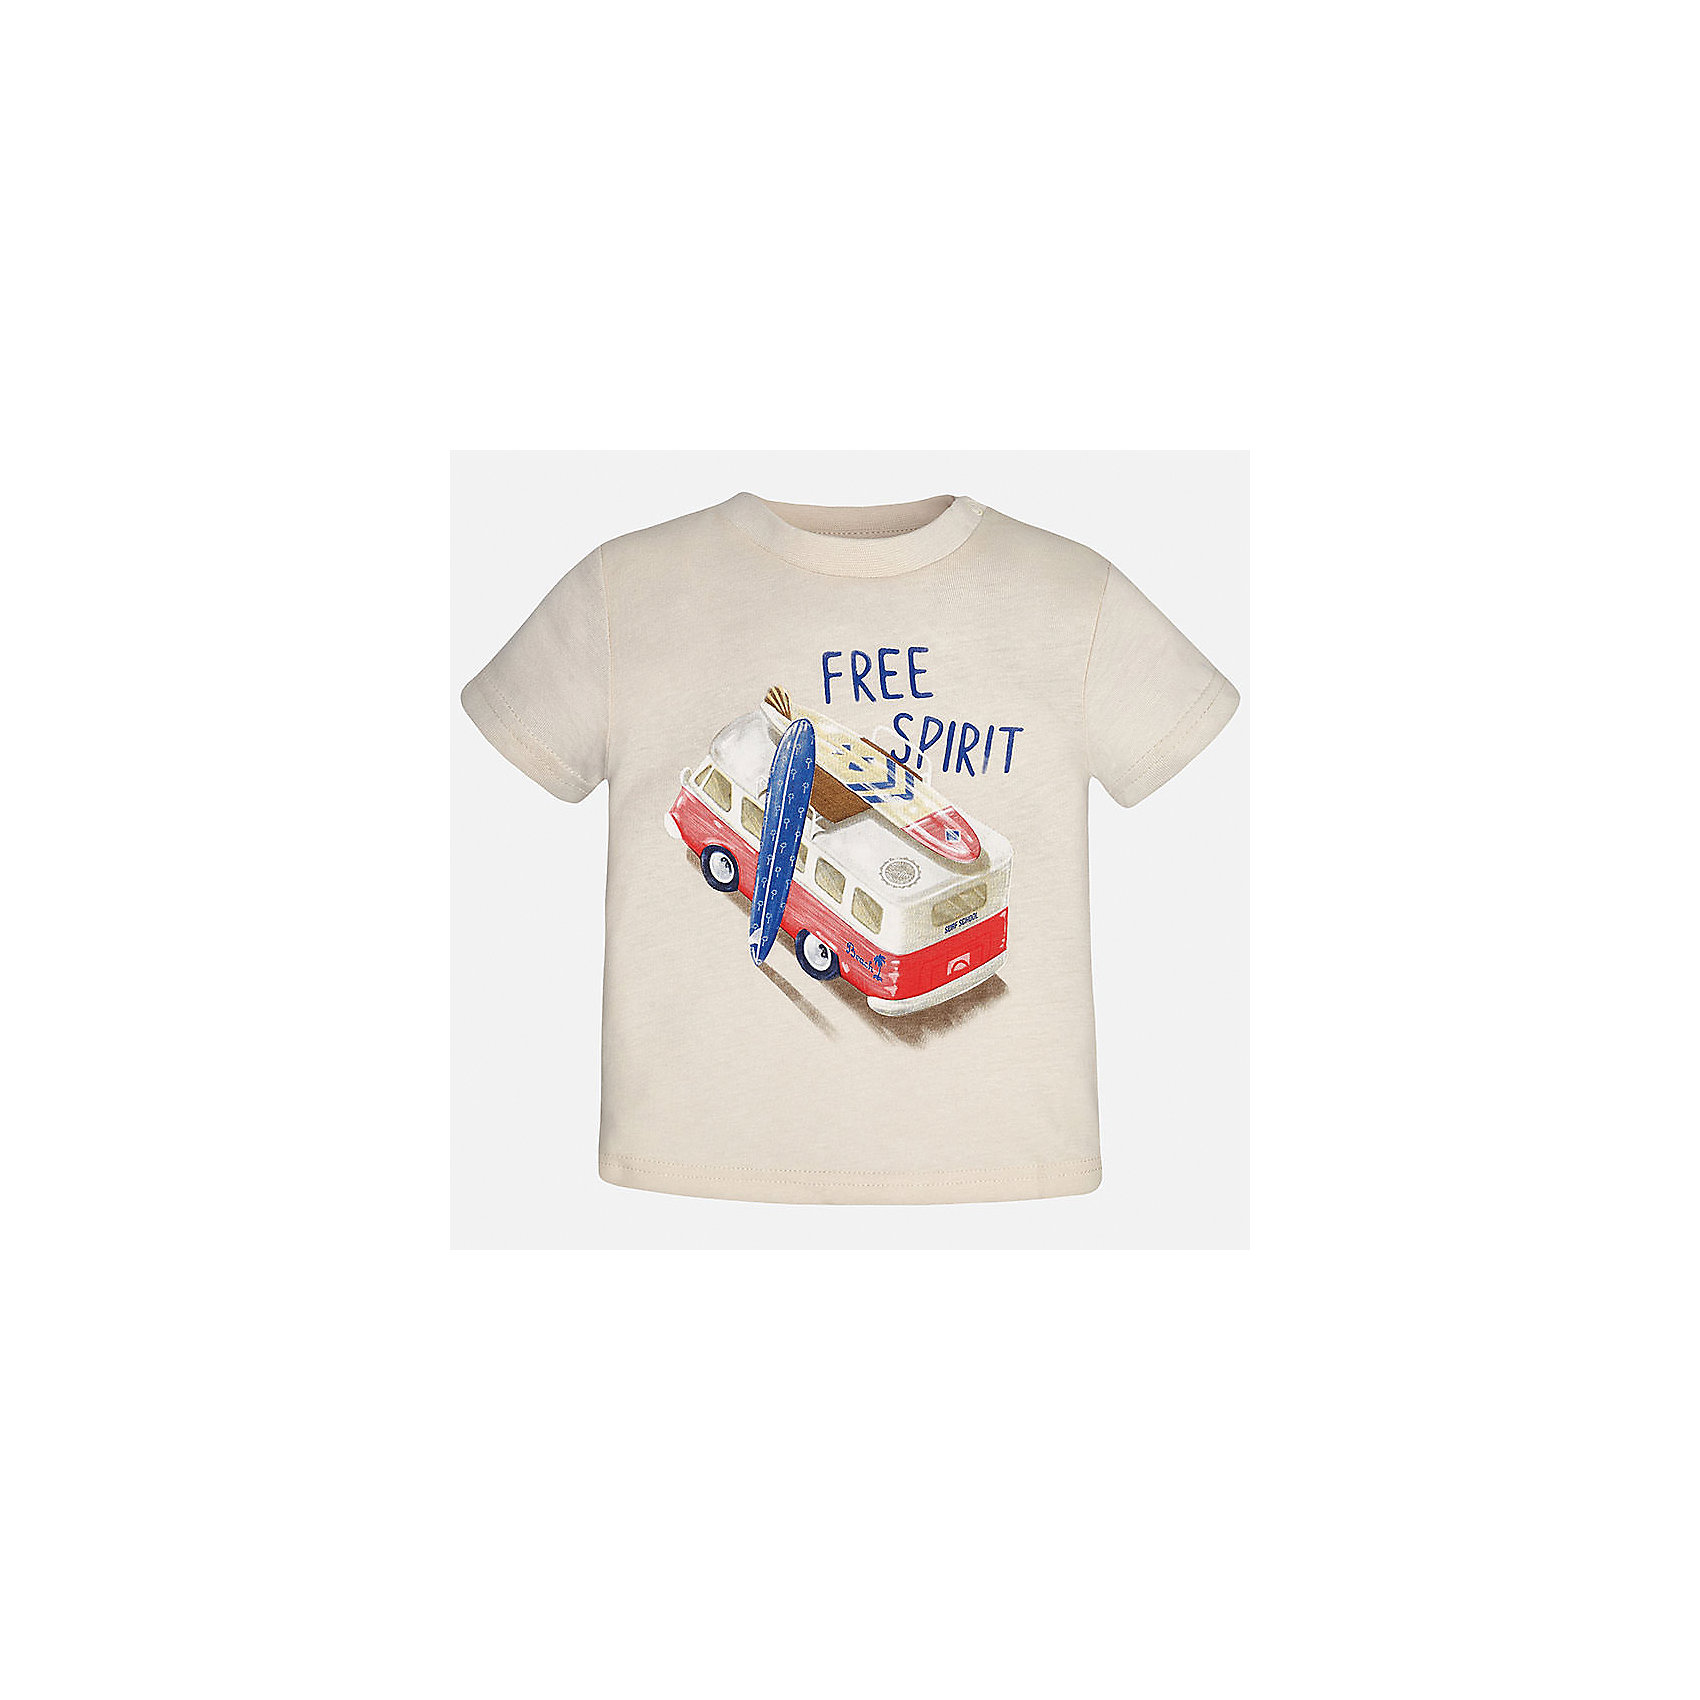 Футболка для мальчика MayoralФутболки, топы<br>Характеристики товара:<br><br>• цвет: бежевый<br>• состав: 100% хлопок<br>• круглый горловой вырез<br>• декорирована принтом<br>• короткие рукава<br>• мягкая отделка горловины<br>• страна бренда: Испания<br><br>Стильная удобная футболка с принтом поможет разнообразить гардероб мальчика. Она отлично сочетается с брюками, шортами, джинсами. Универсальный крой и цвет позволяет подобрать к вещи низ разных расцветок. Практичное и стильное изделие! Хорошо смотрится и комфортно сидит на детях. В составе материала - натуральный хлопок, гипоаллергенный, приятный на ощупь, дышащий. <br><br>Одежда, обувь и аксессуары от испанского бренда Mayoral полюбились детям и взрослым по всему миру. Модели этой марки - стильные и удобные. Для их производства используются только безопасные, качественные материалы и фурнитура. Порадуйте ребенка модными и красивыми вещами от Mayoral! <br><br>Футболку для мальчика от испанского бренда Mayoral (Майорал) можно купить в нашем интернет-магазине.<br><br>Ширина мм: 199<br>Глубина мм: 10<br>Высота мм: 161<br>Вес г: 151<br>Цвет: бежевый<br>Возраст от месяцев: 18<br>Возраст до месяцев: 24<br>Пол: Мужской<br>Возраст: Детский<br>Размер: 92,80,86<br>SKU: 5278449